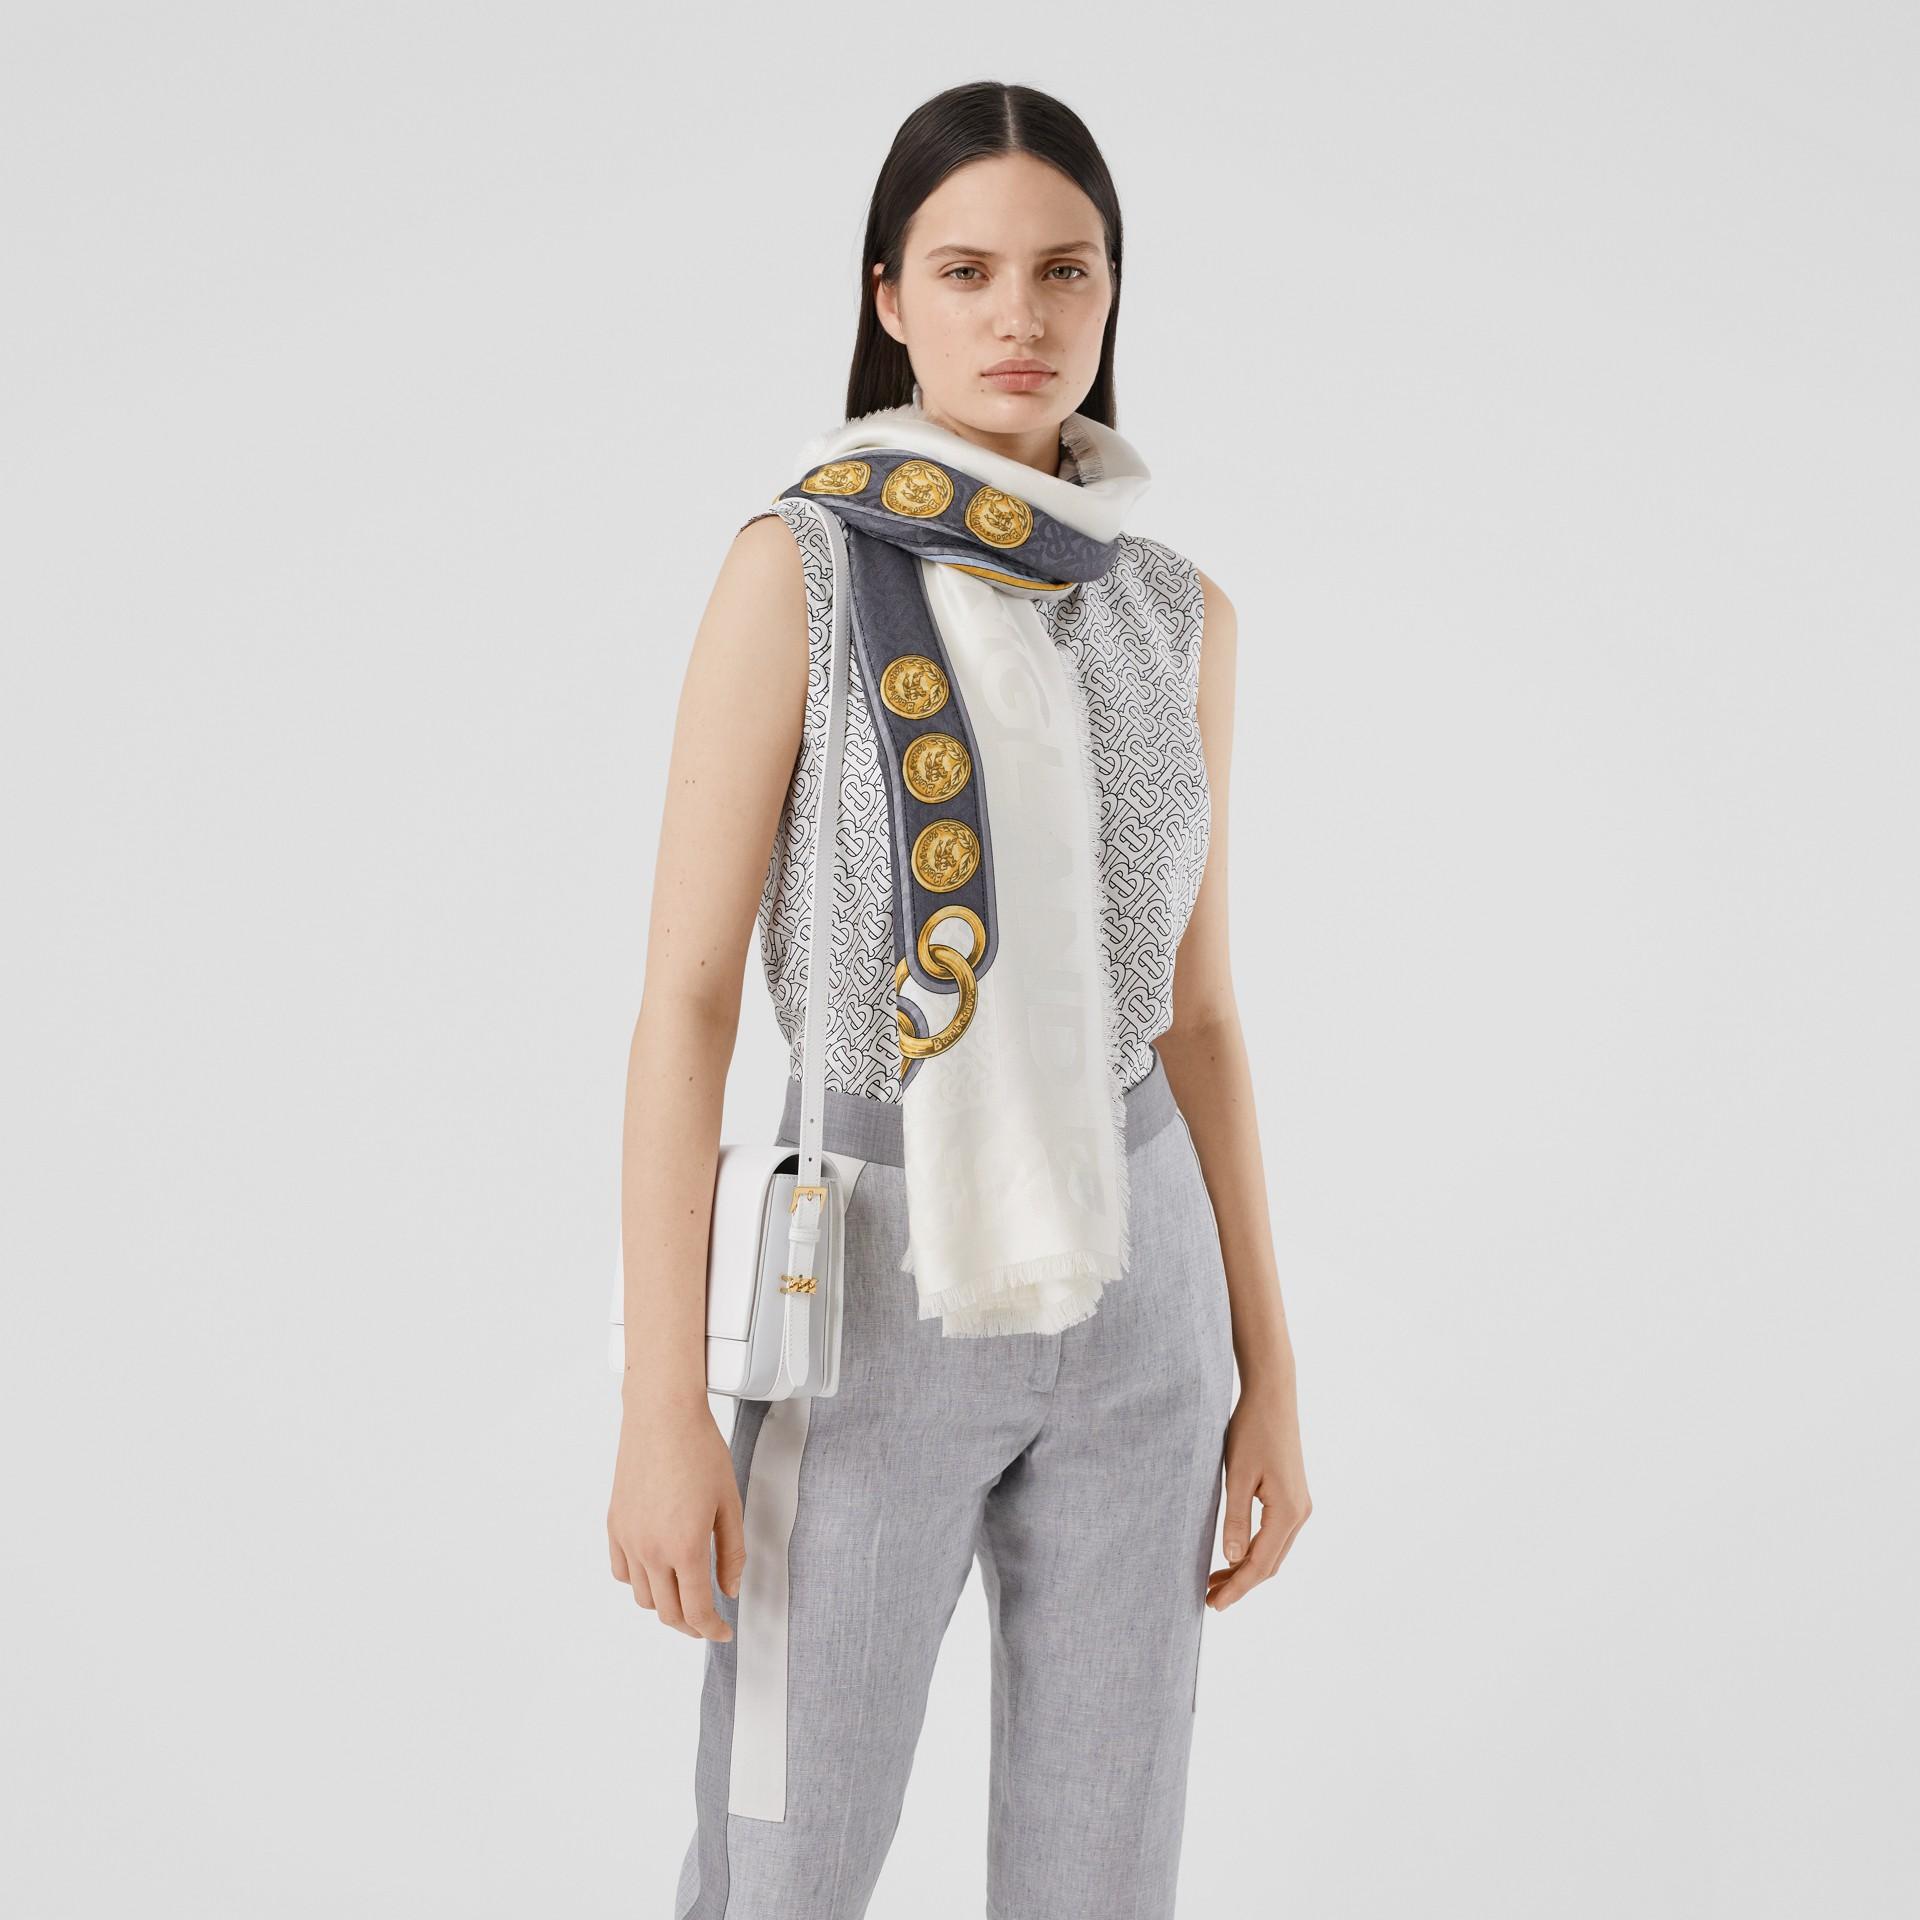 典藏圍巾印花絲綢羊毛大型方巾 (灰色) | Burberry - 圖庫照片 2